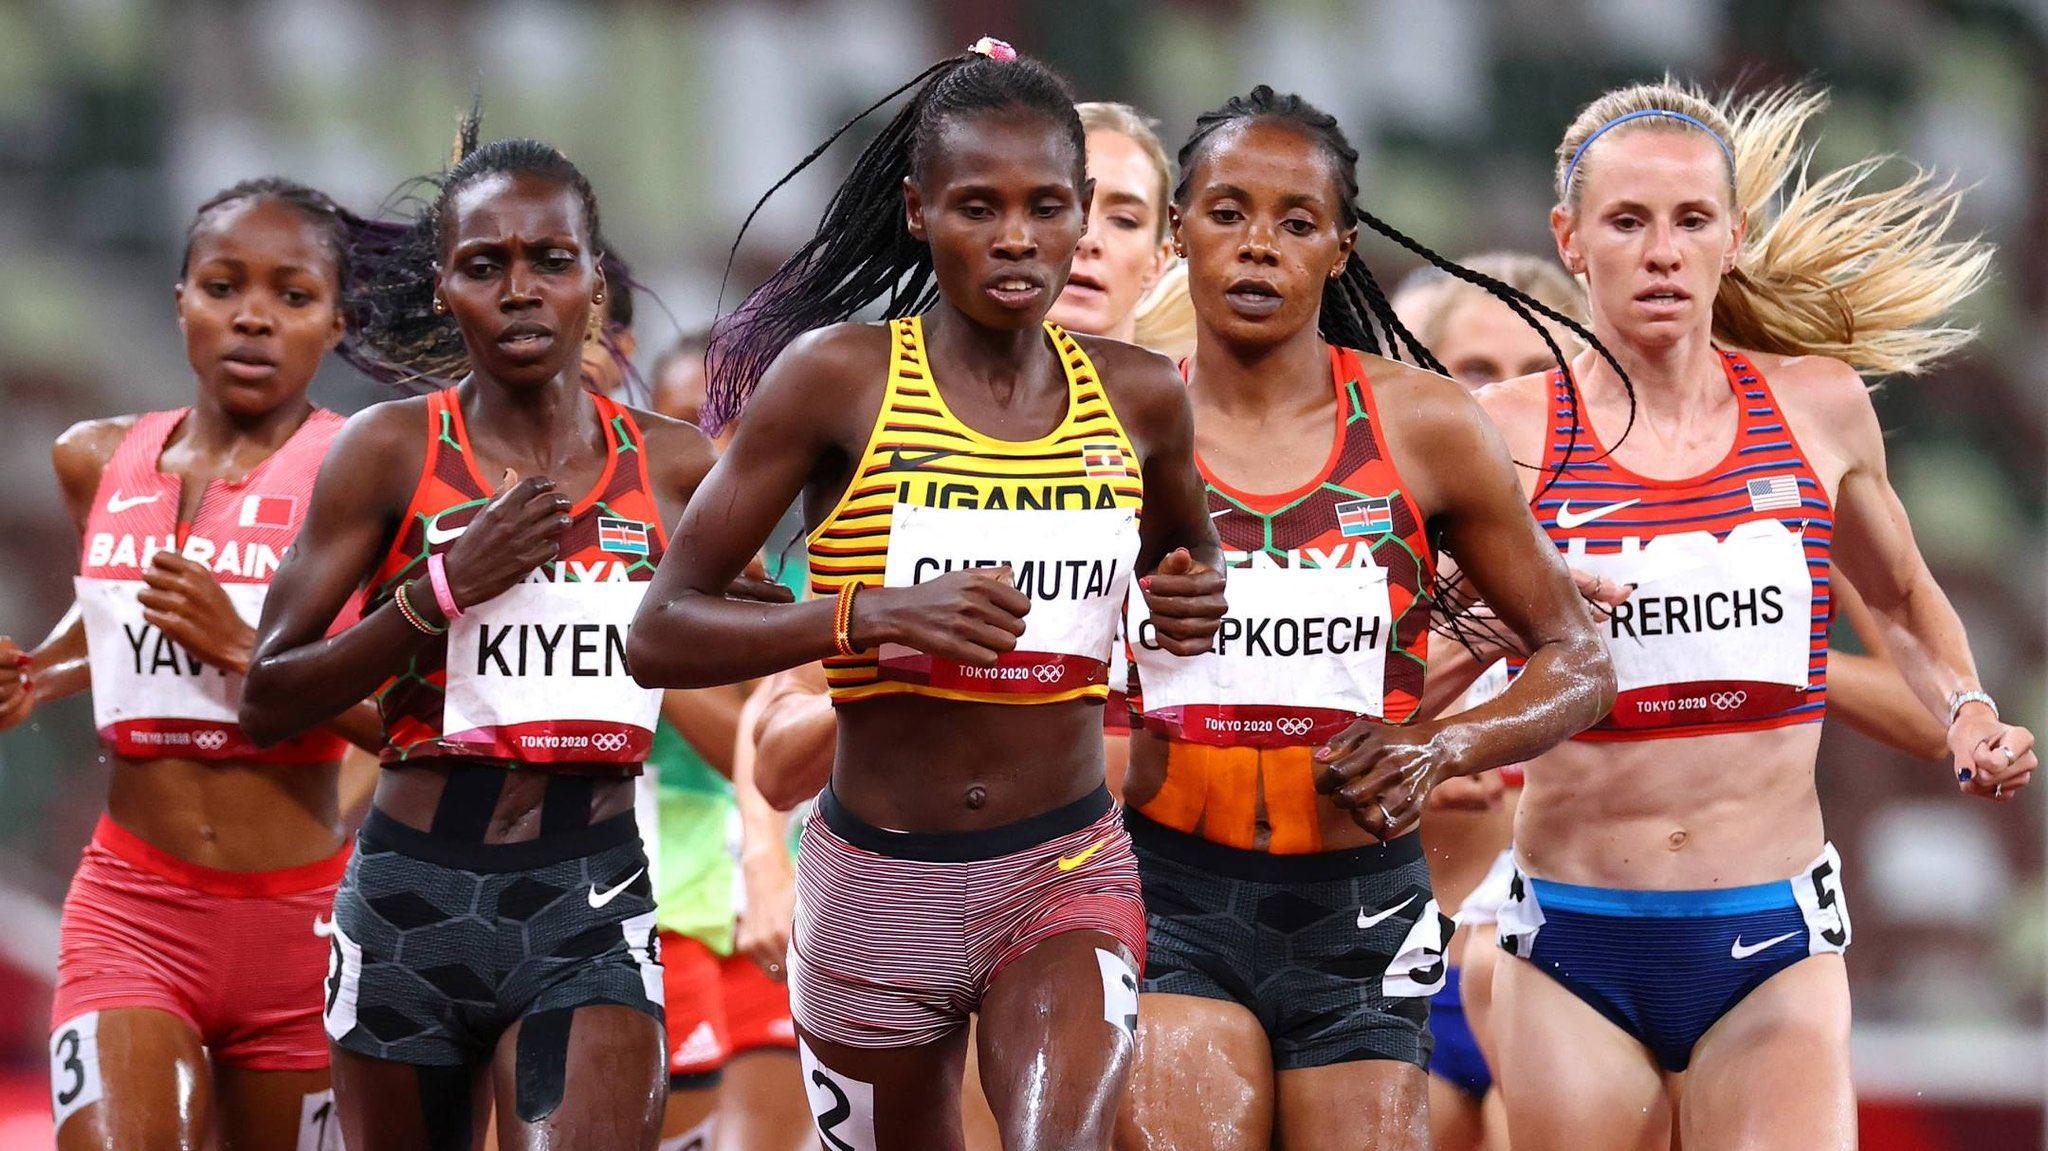 Chemutai bứt lên trong 300 mét cuối để làm nên lịch sử cho điền kinh Uganda ở Olympic. Ảnh: AP